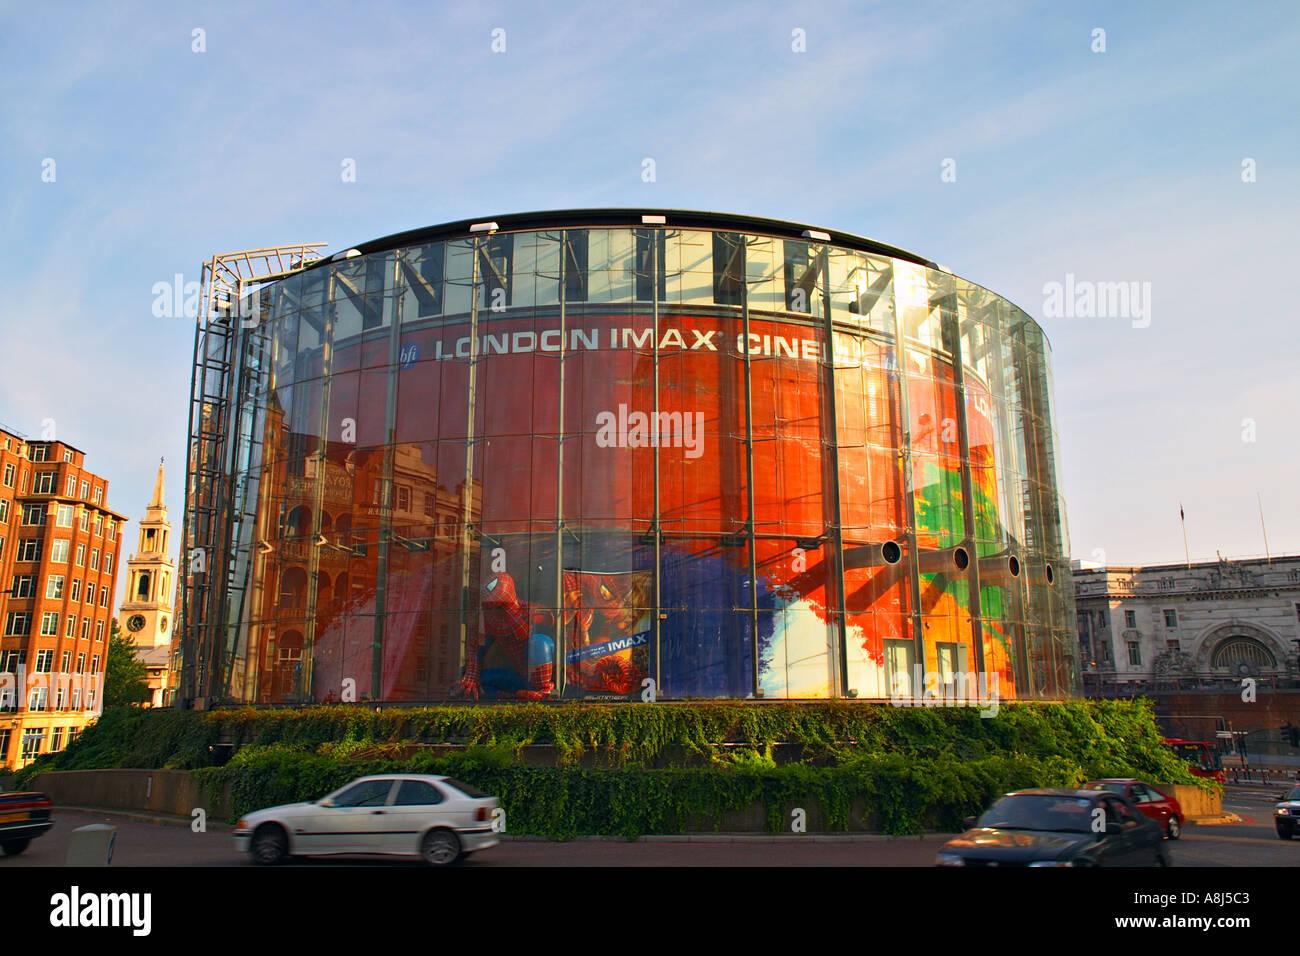 london imax cinema uk - Stock Image